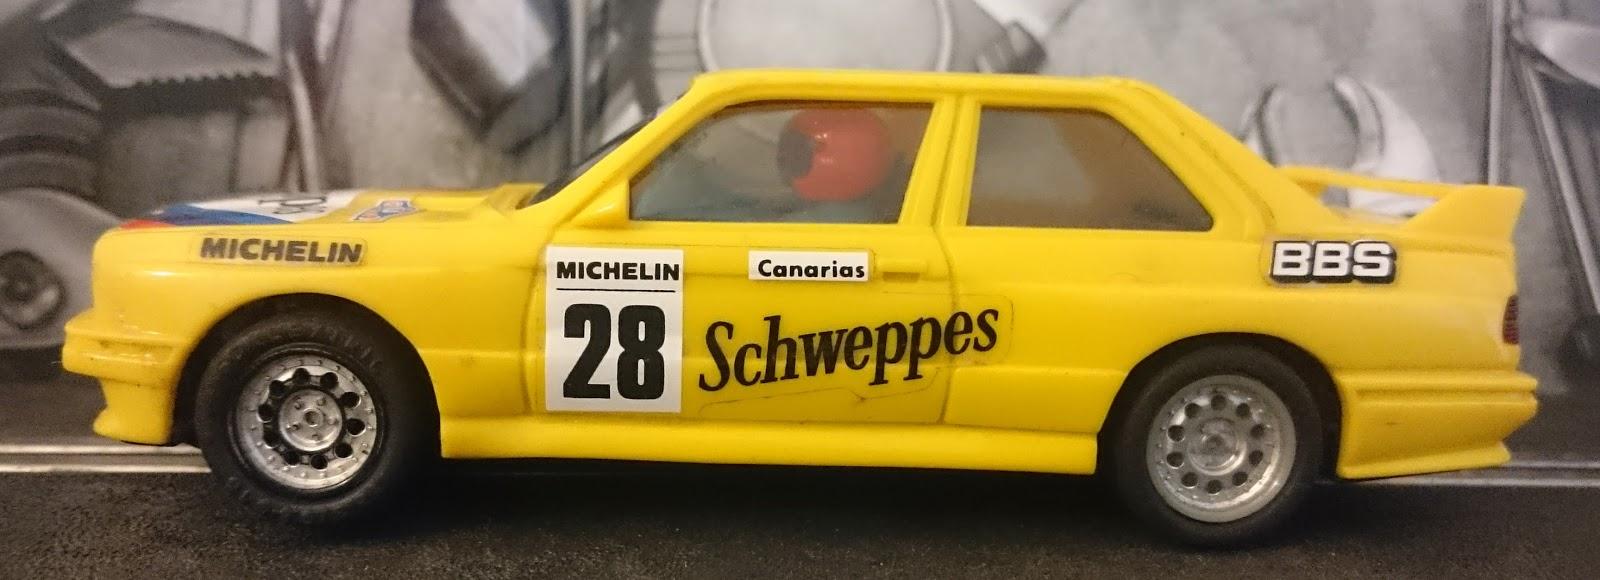 BMW M3 Exin con publicidad de Schweppes